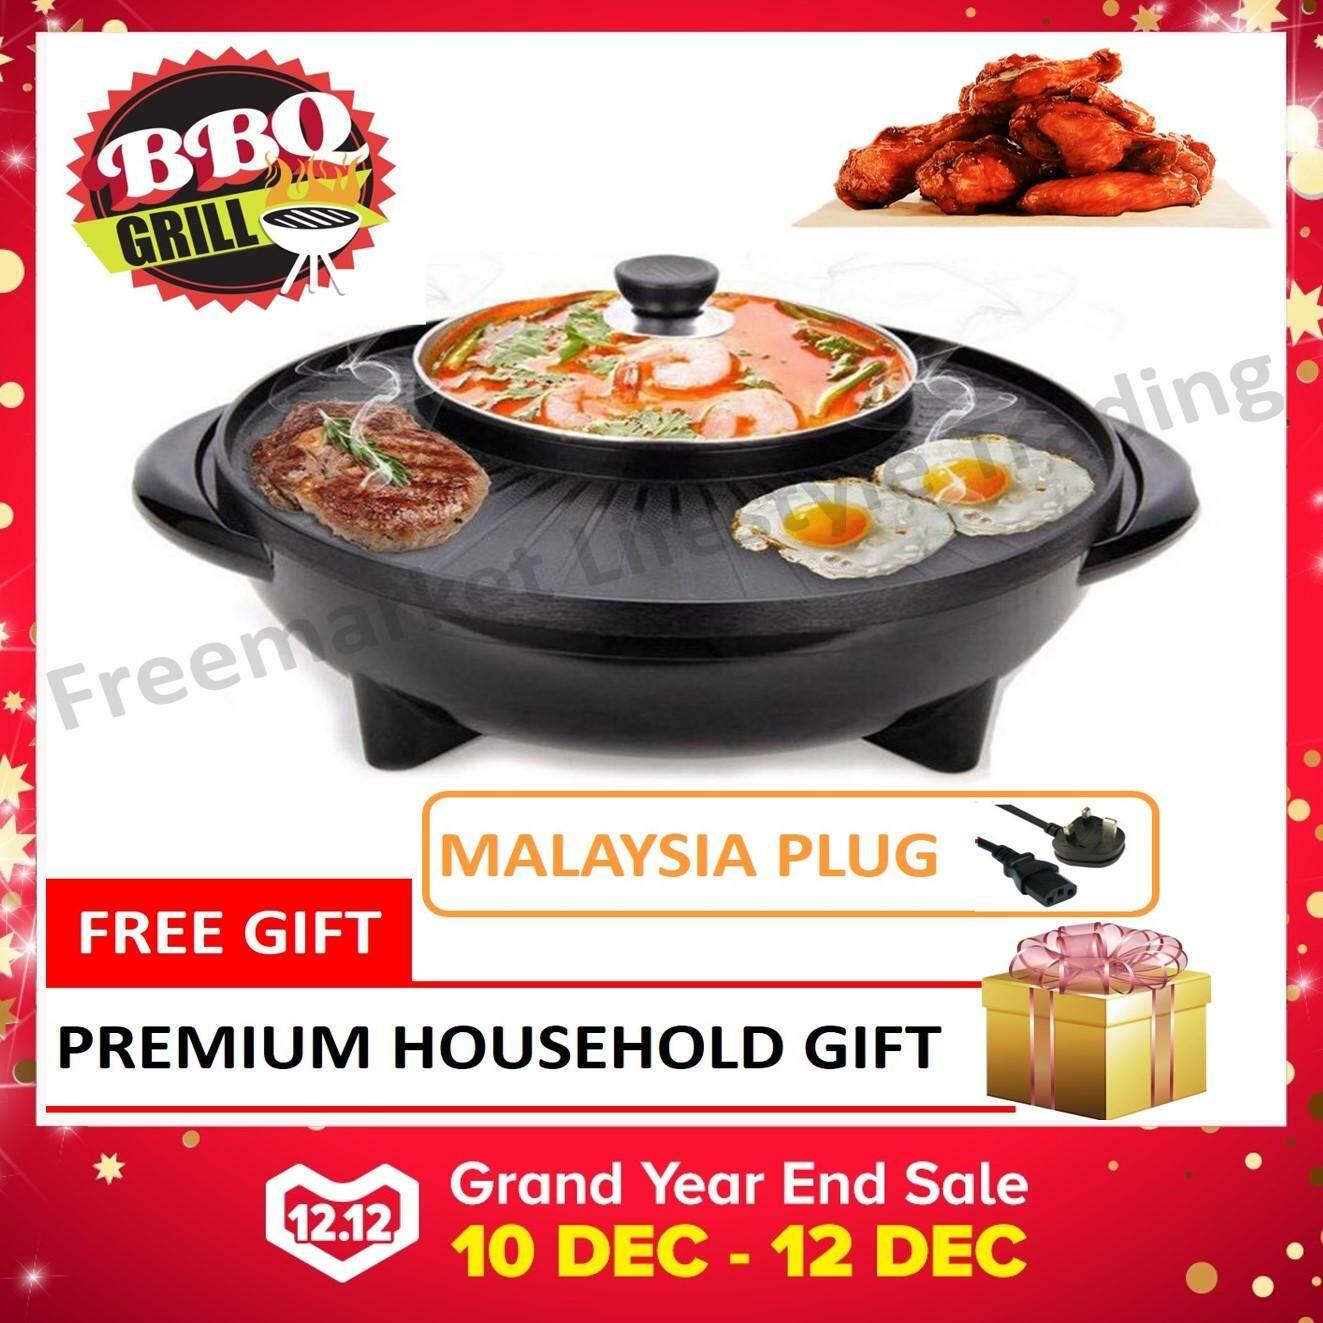 Malaysia 3 Pin Plug Itata 2 In 1 Bbq Grill